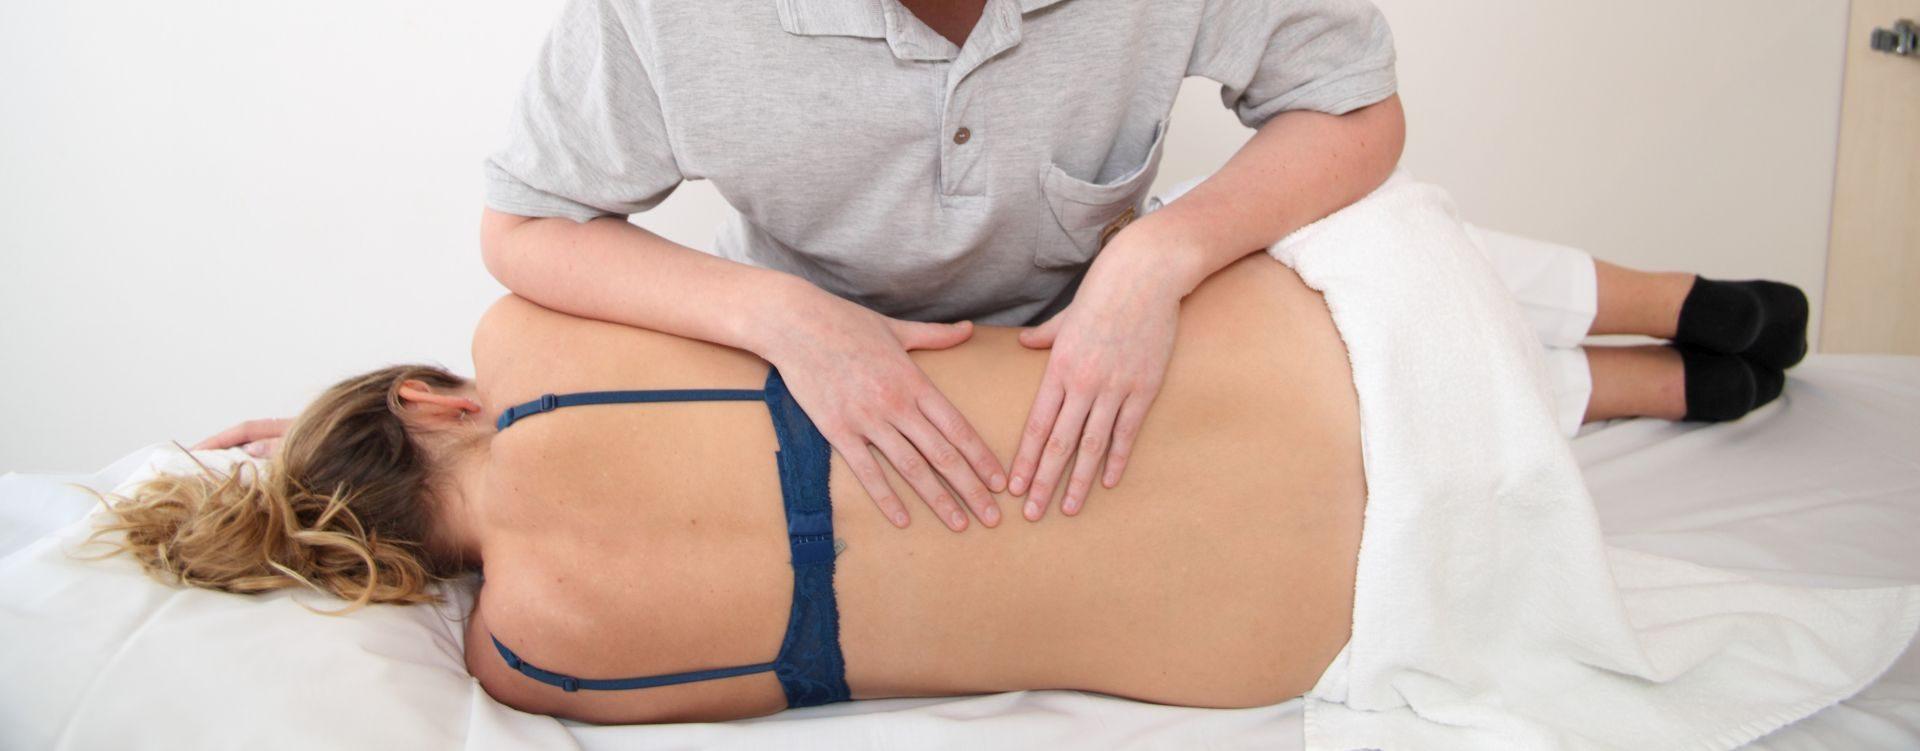 مركز جراحة الإصابات الرياضية والصدمات